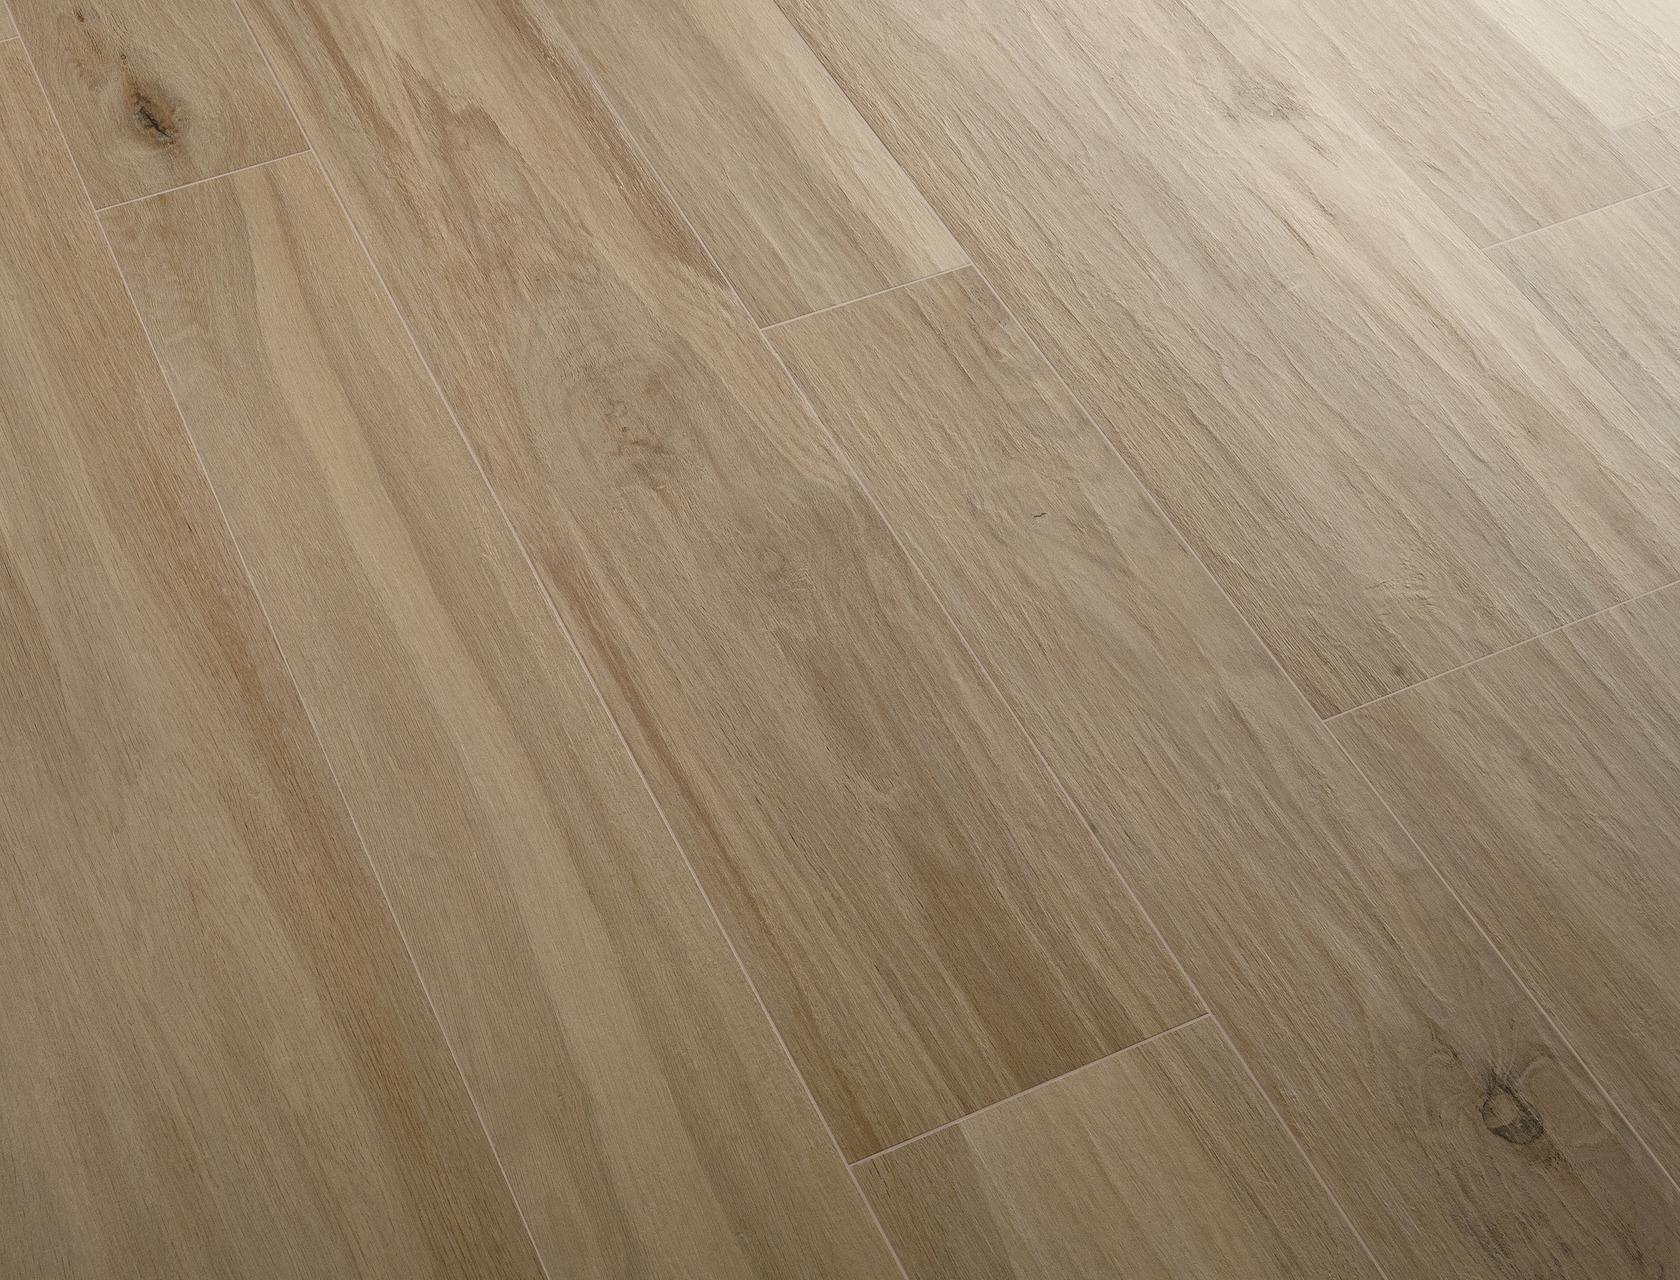 Gres porcellanato effetto legno rovere noce ariostea for Schemi di posa gres porcellanato effetto legno